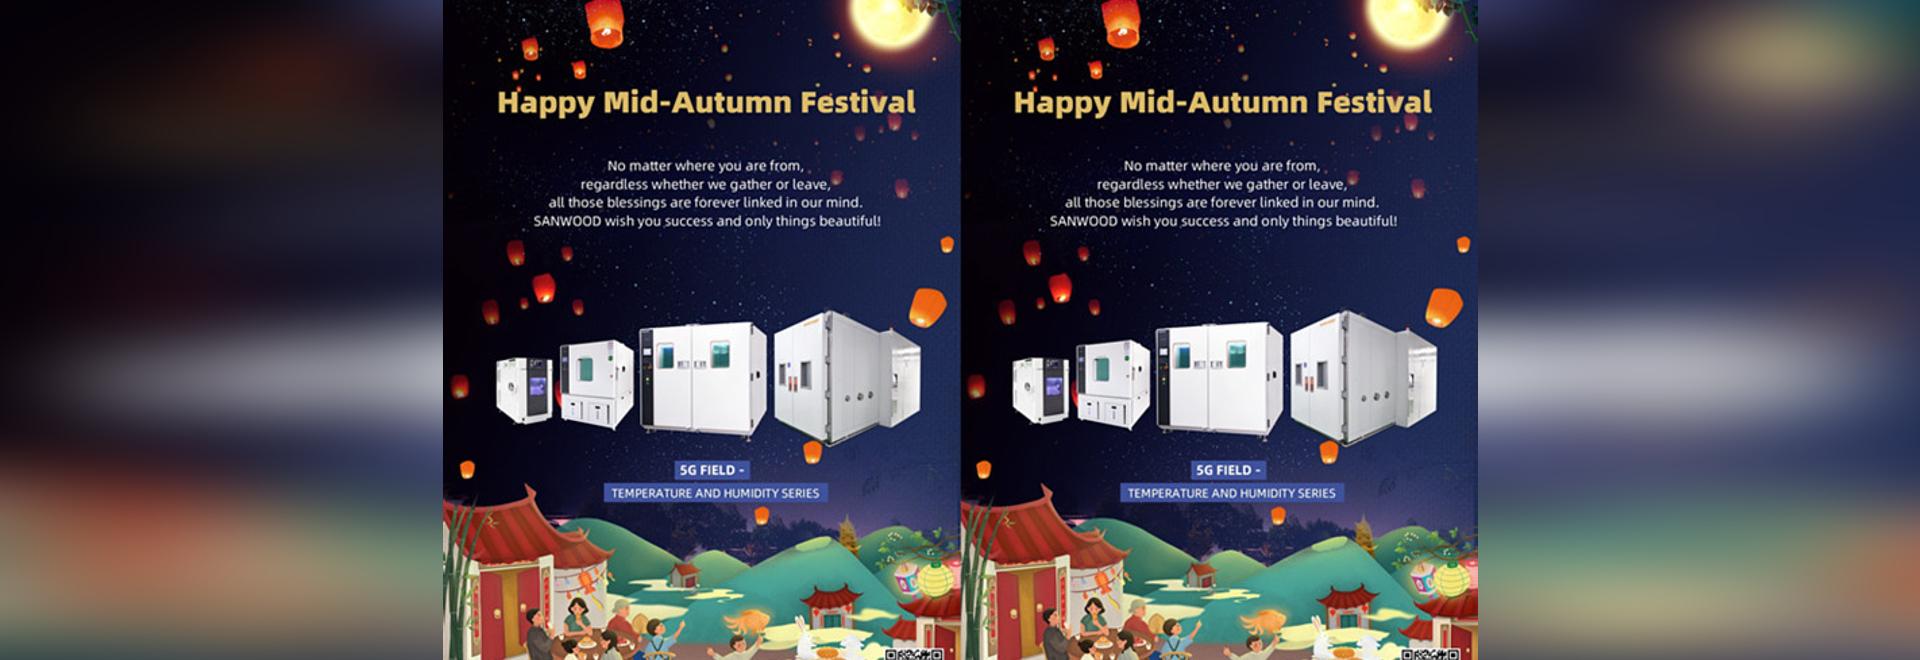 SANWOOD vous souhaite un joyeux festival de mi-automne